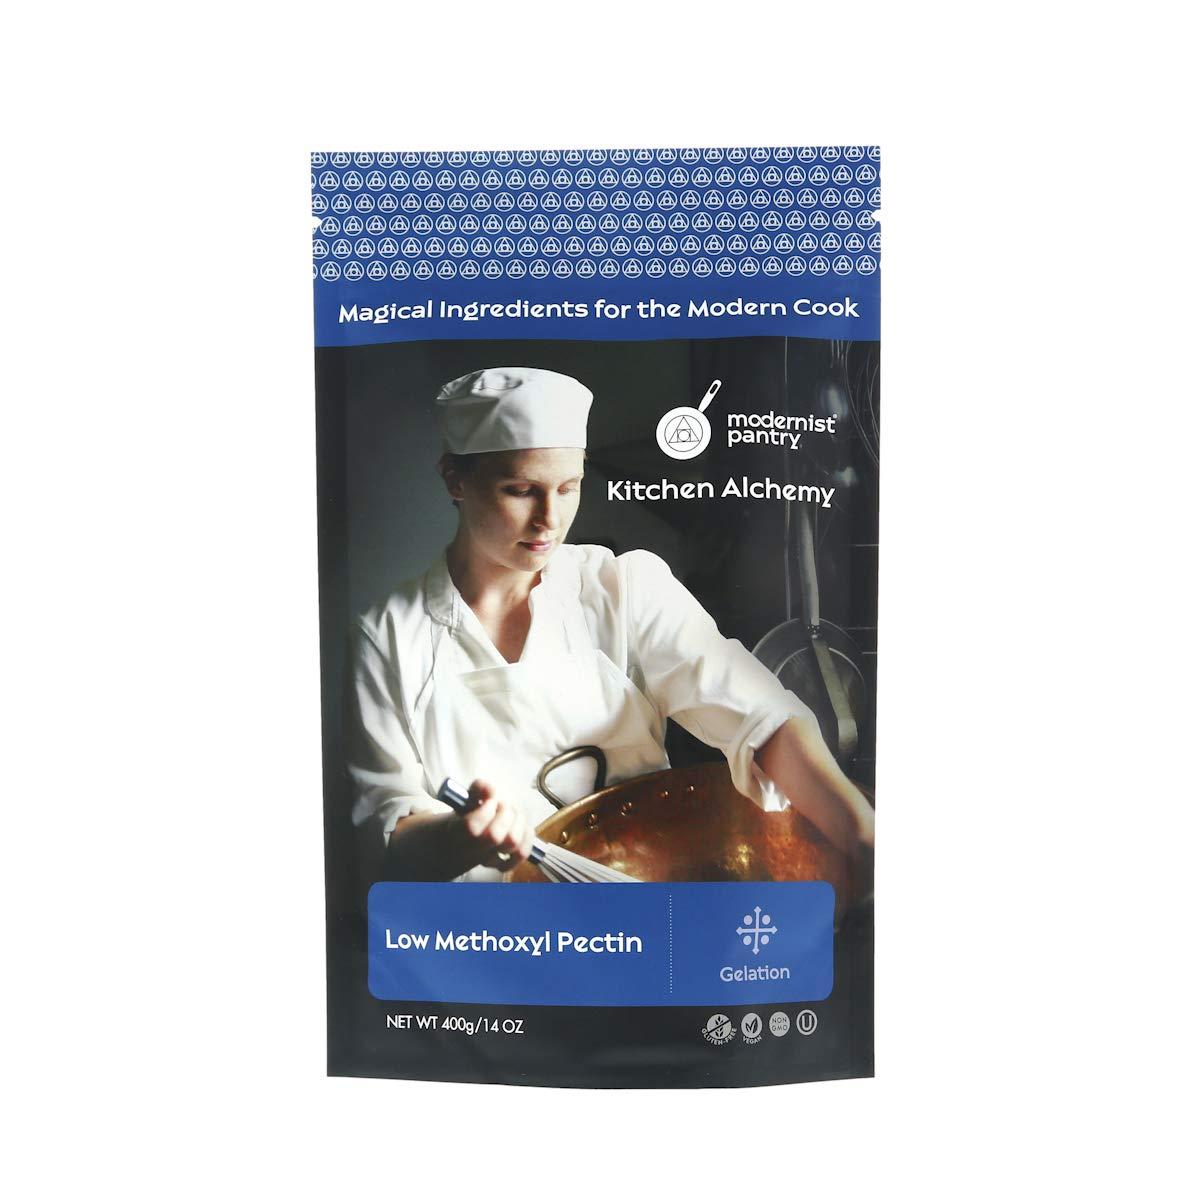 Pectin - Low Methoxyl ⊘ Non-GMO ☮ Vegan ✡ OU Kosher Certified - 400g/14oz